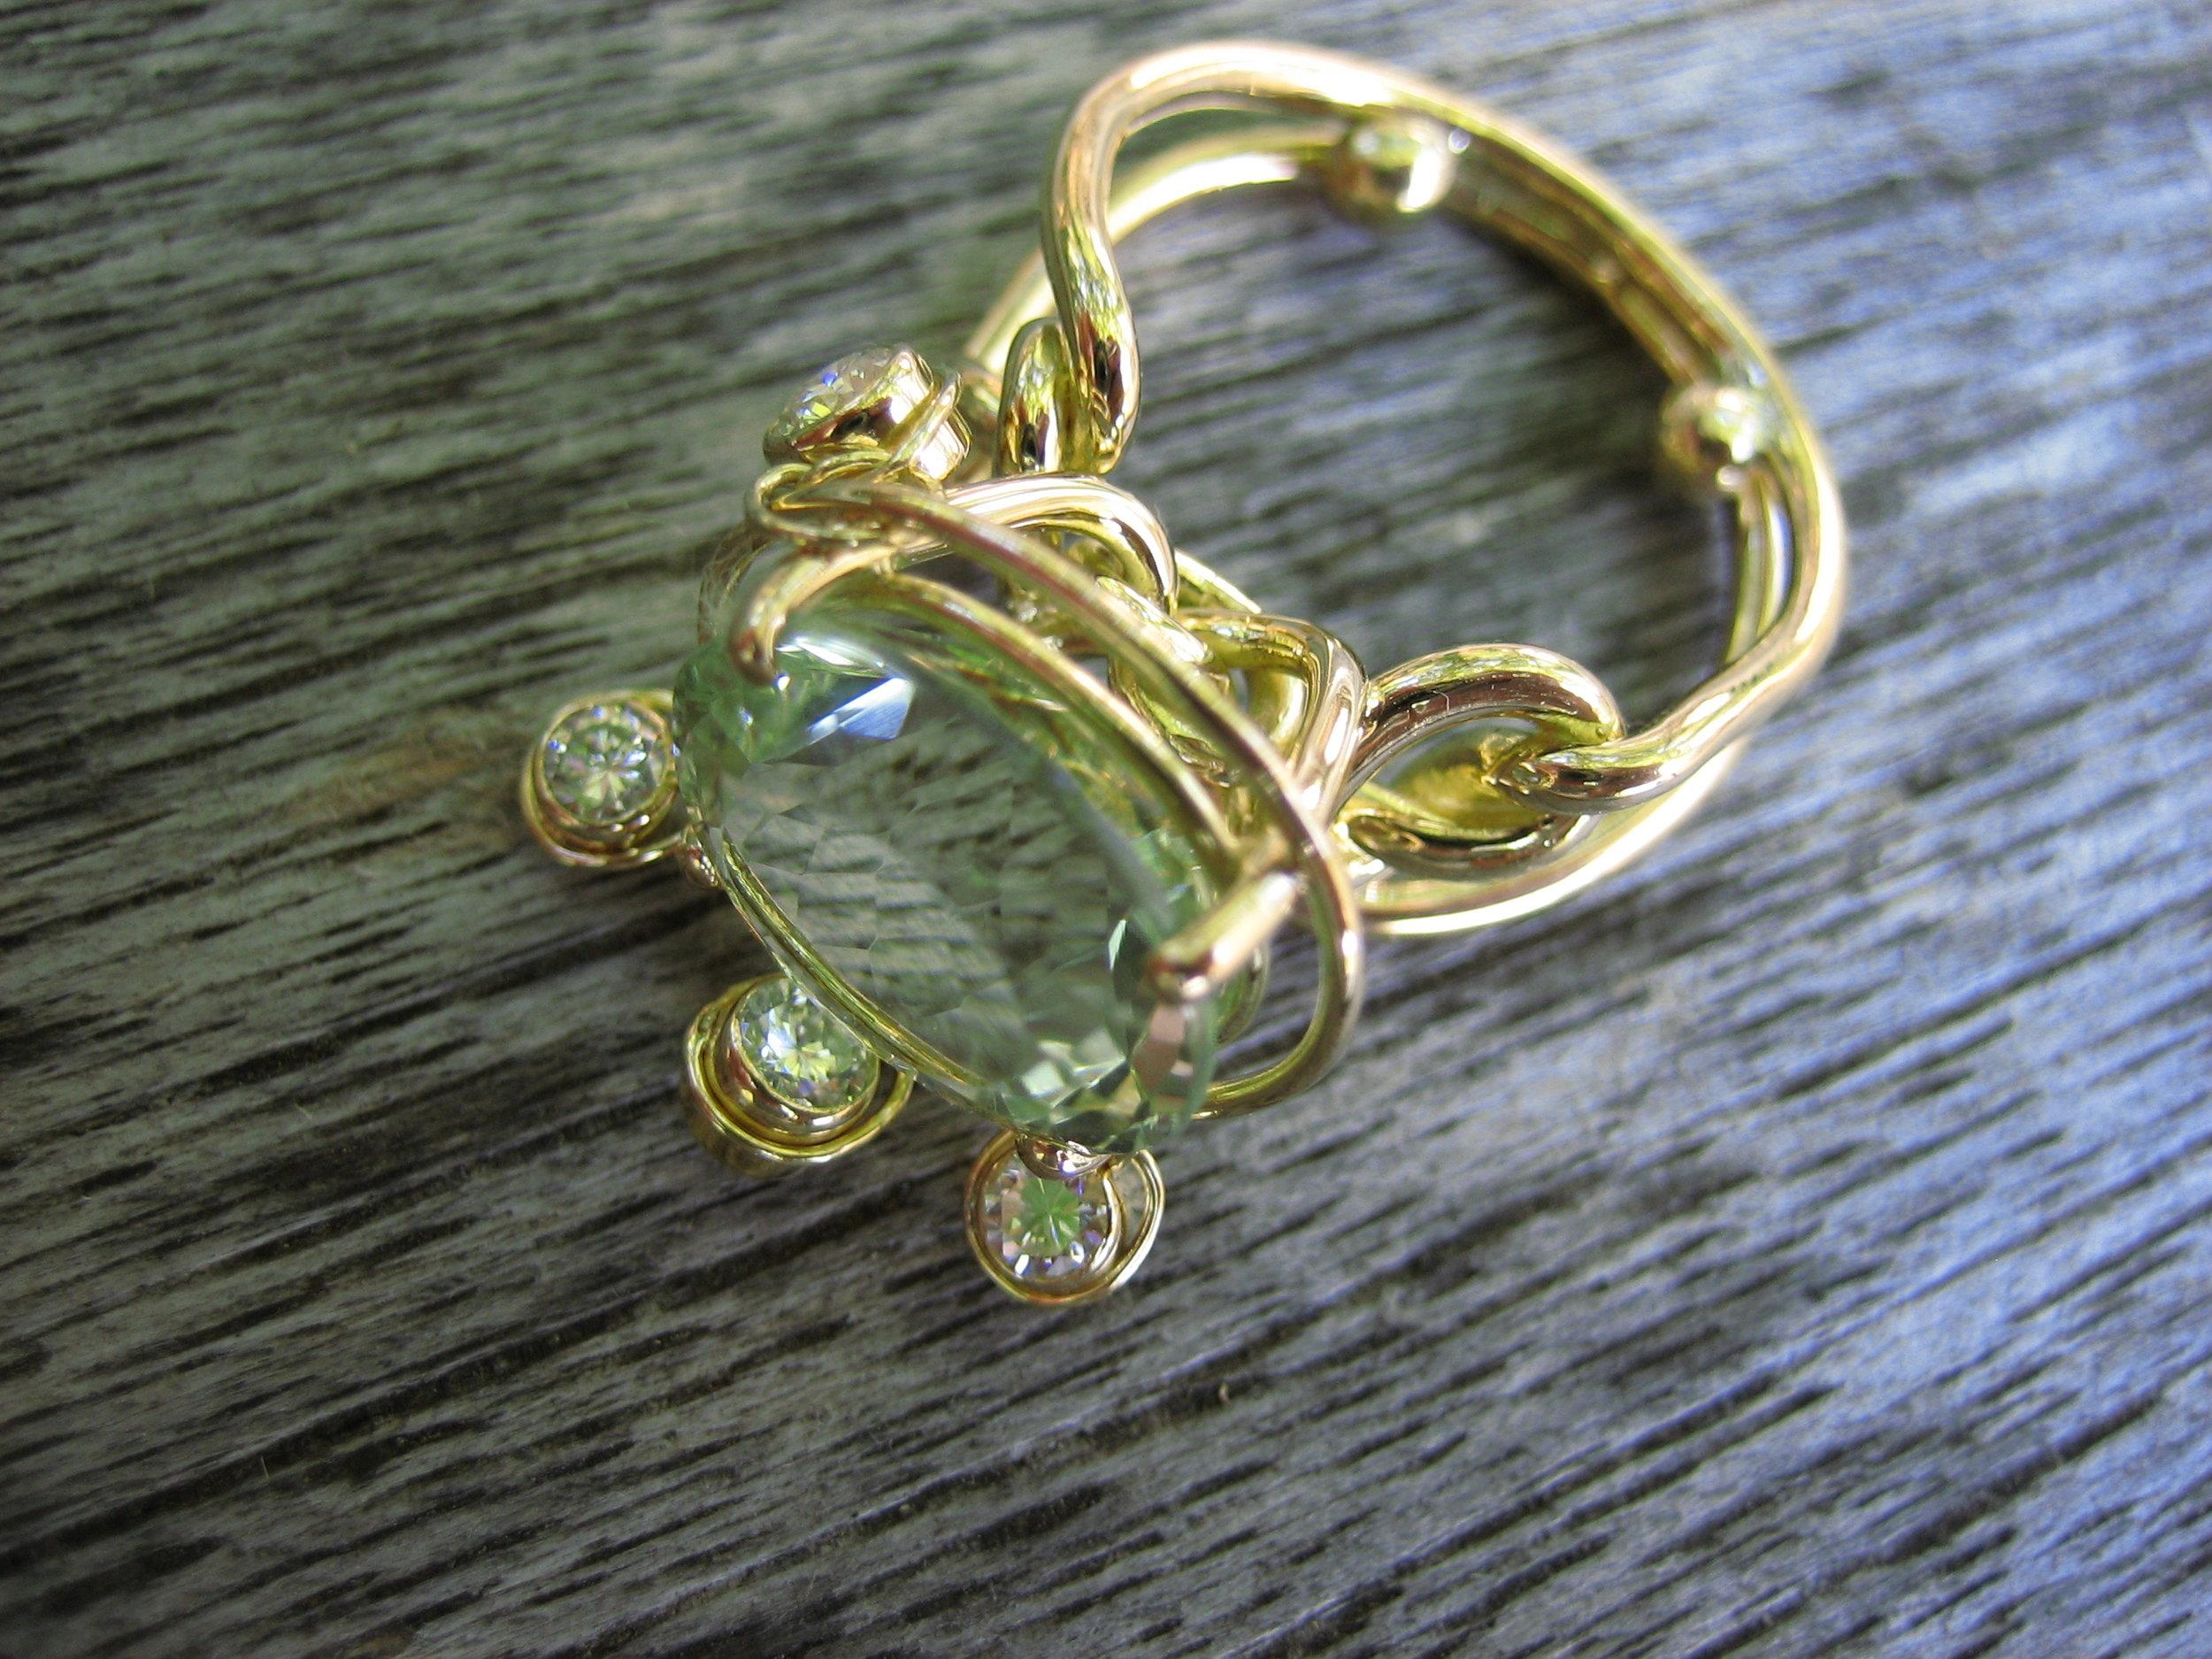 Bague pièce unique Azucar, entièrement faite-main. Chatoyants reflets de pierre semi précieuse du Béryl vert et des diamants dansants au soleil